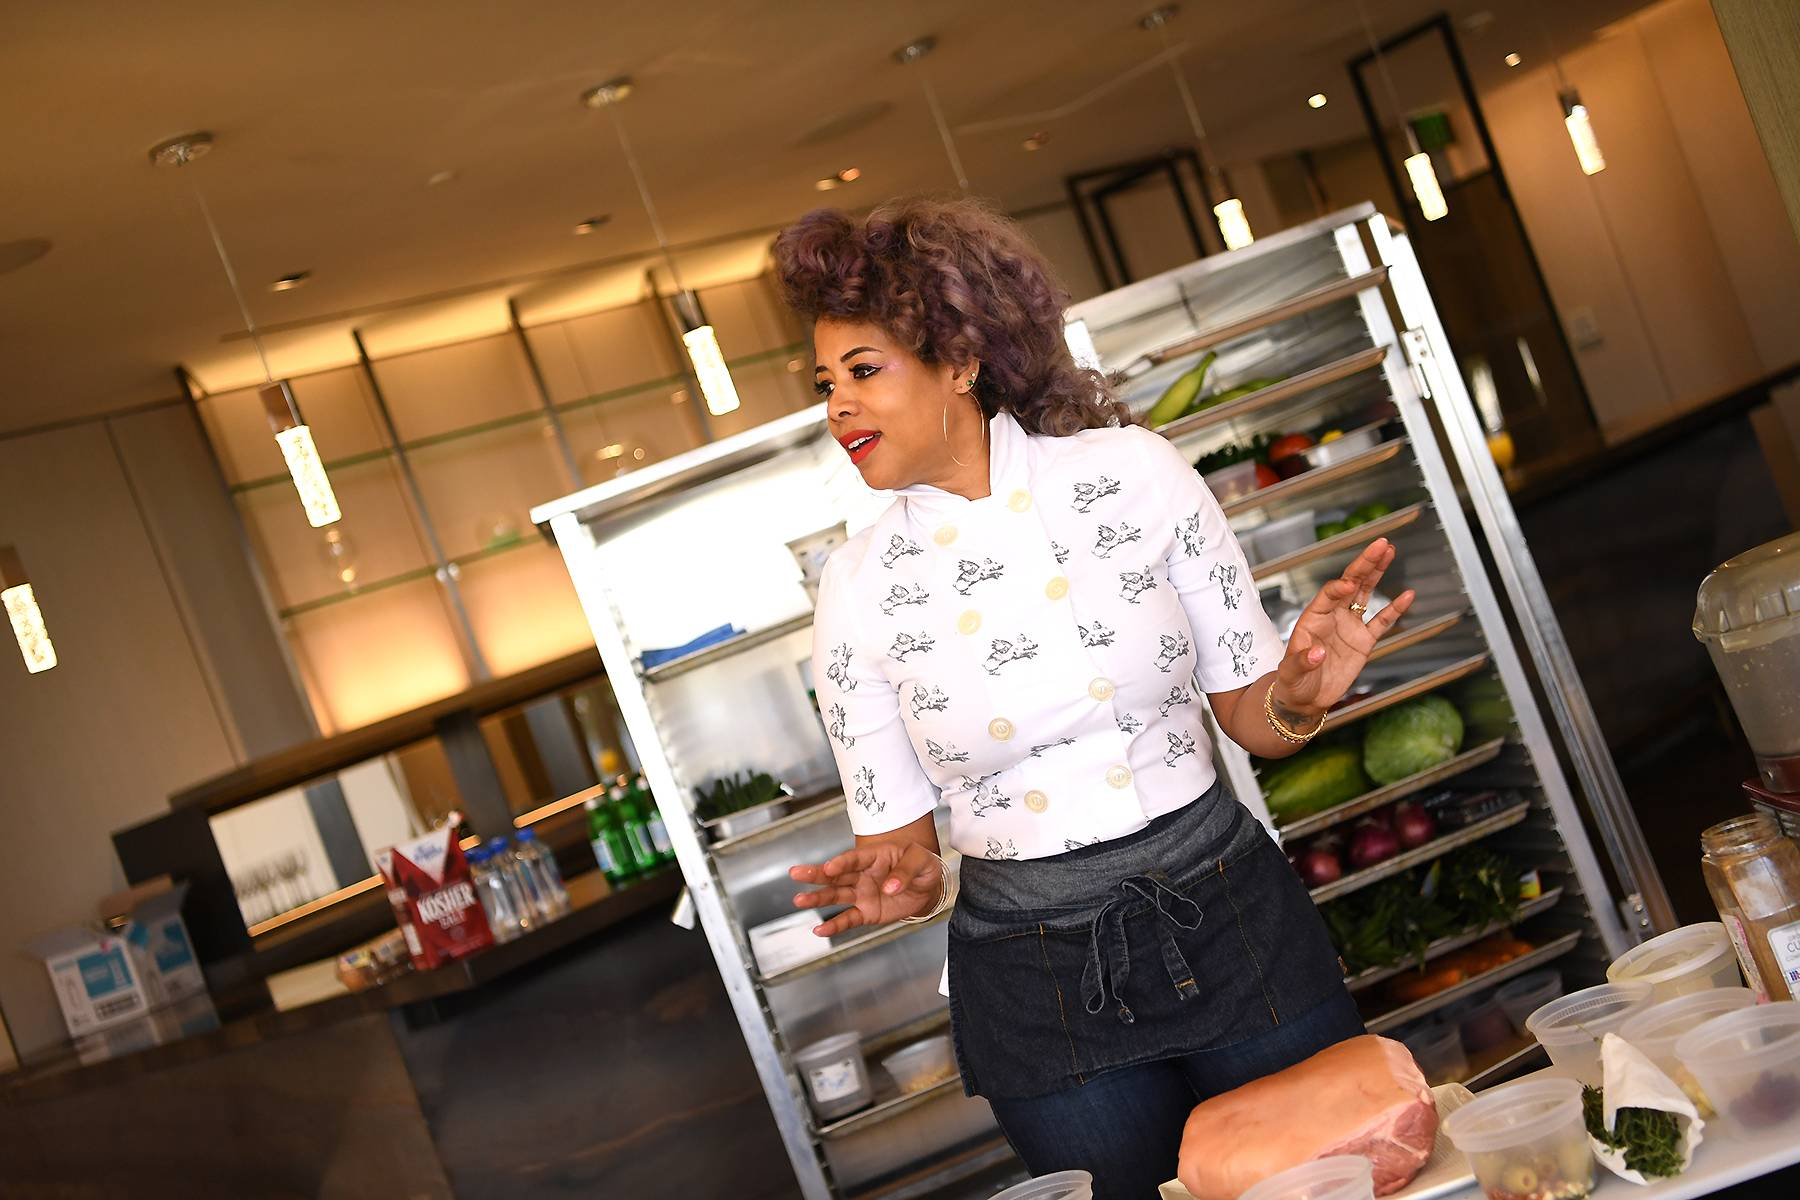 Chef Kelis - Kelis (Photo: Phelan Marc/BET)